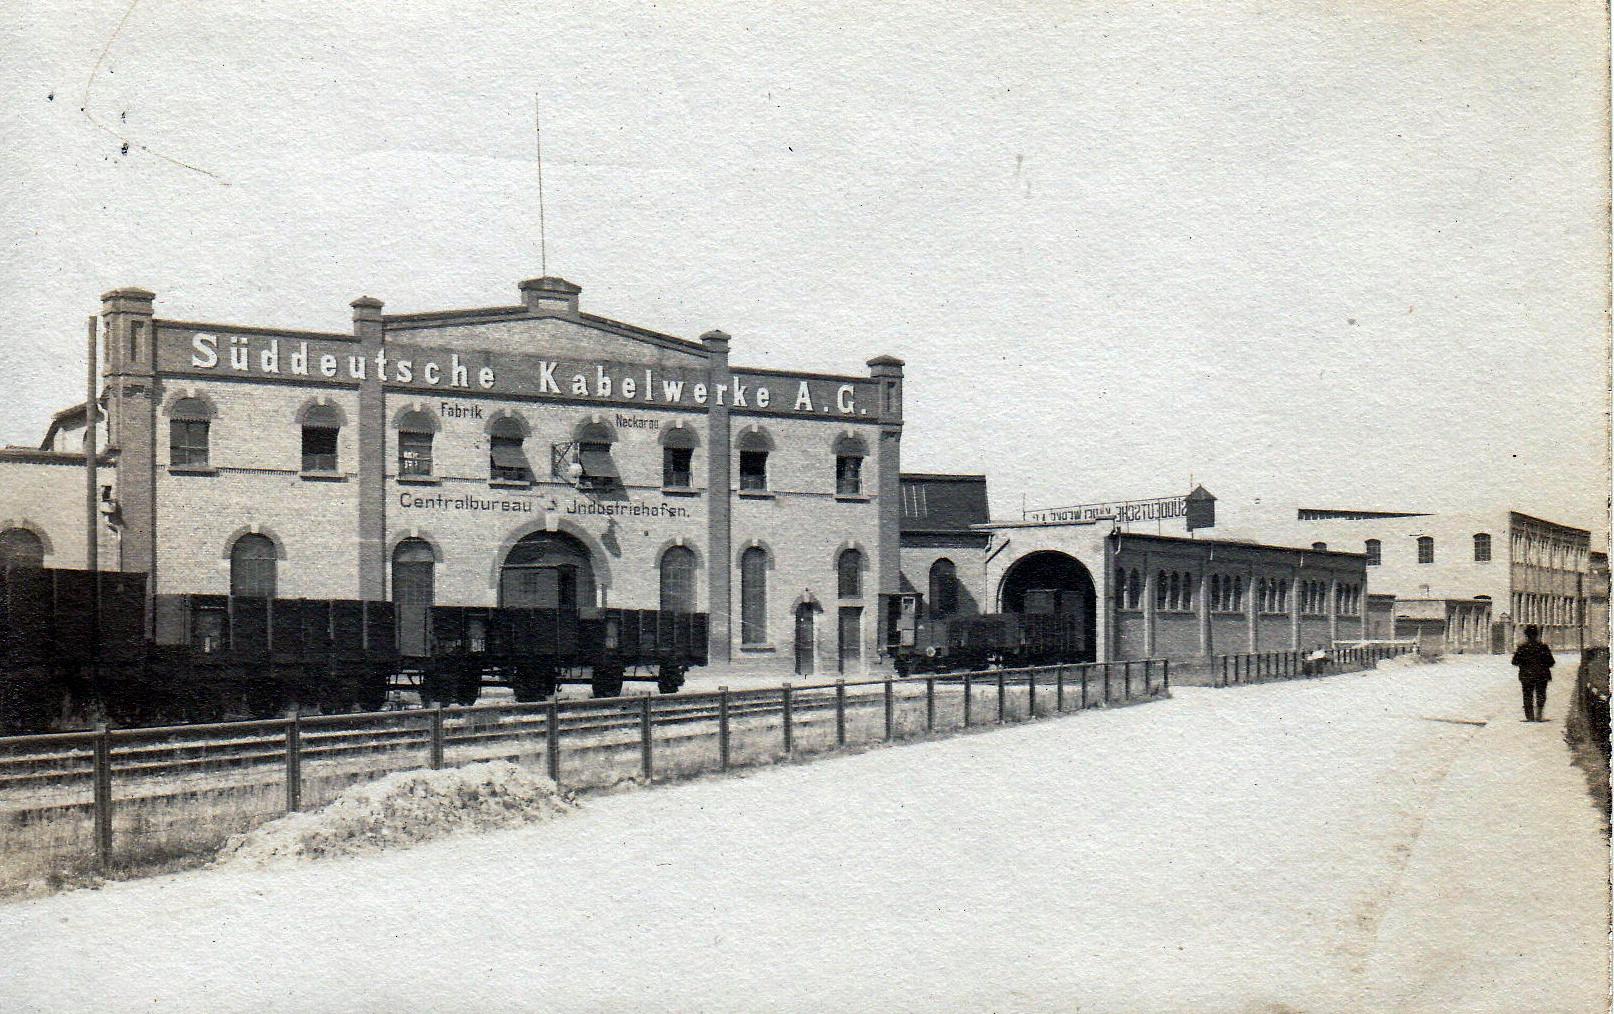 Süddeutsche Kabelwerke A.G. 1908